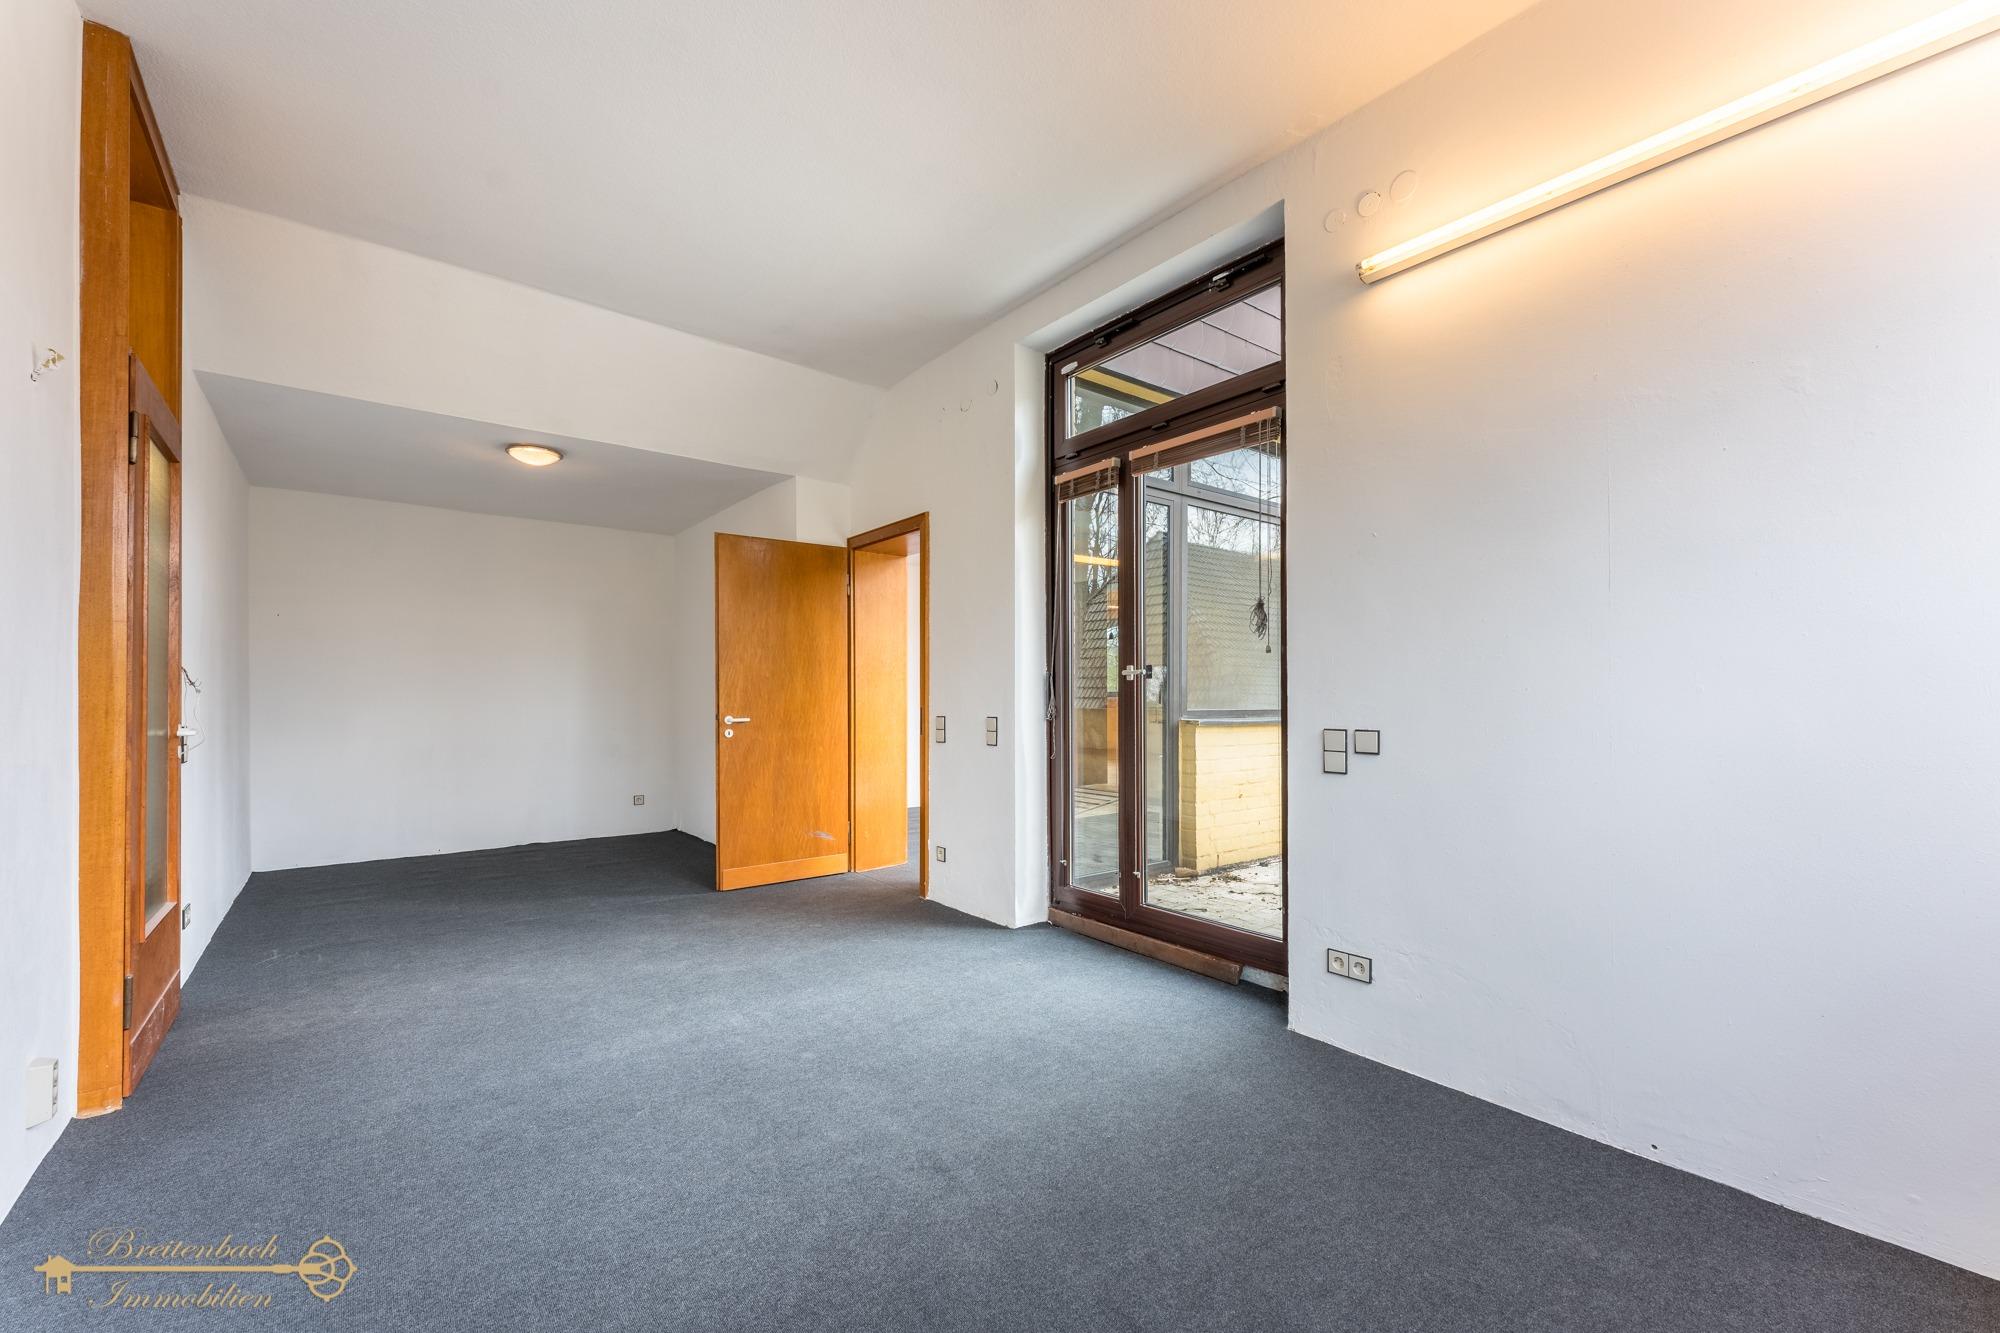 2021-04-08-Breitenbach-Immobilien-Makler-Bremen-17